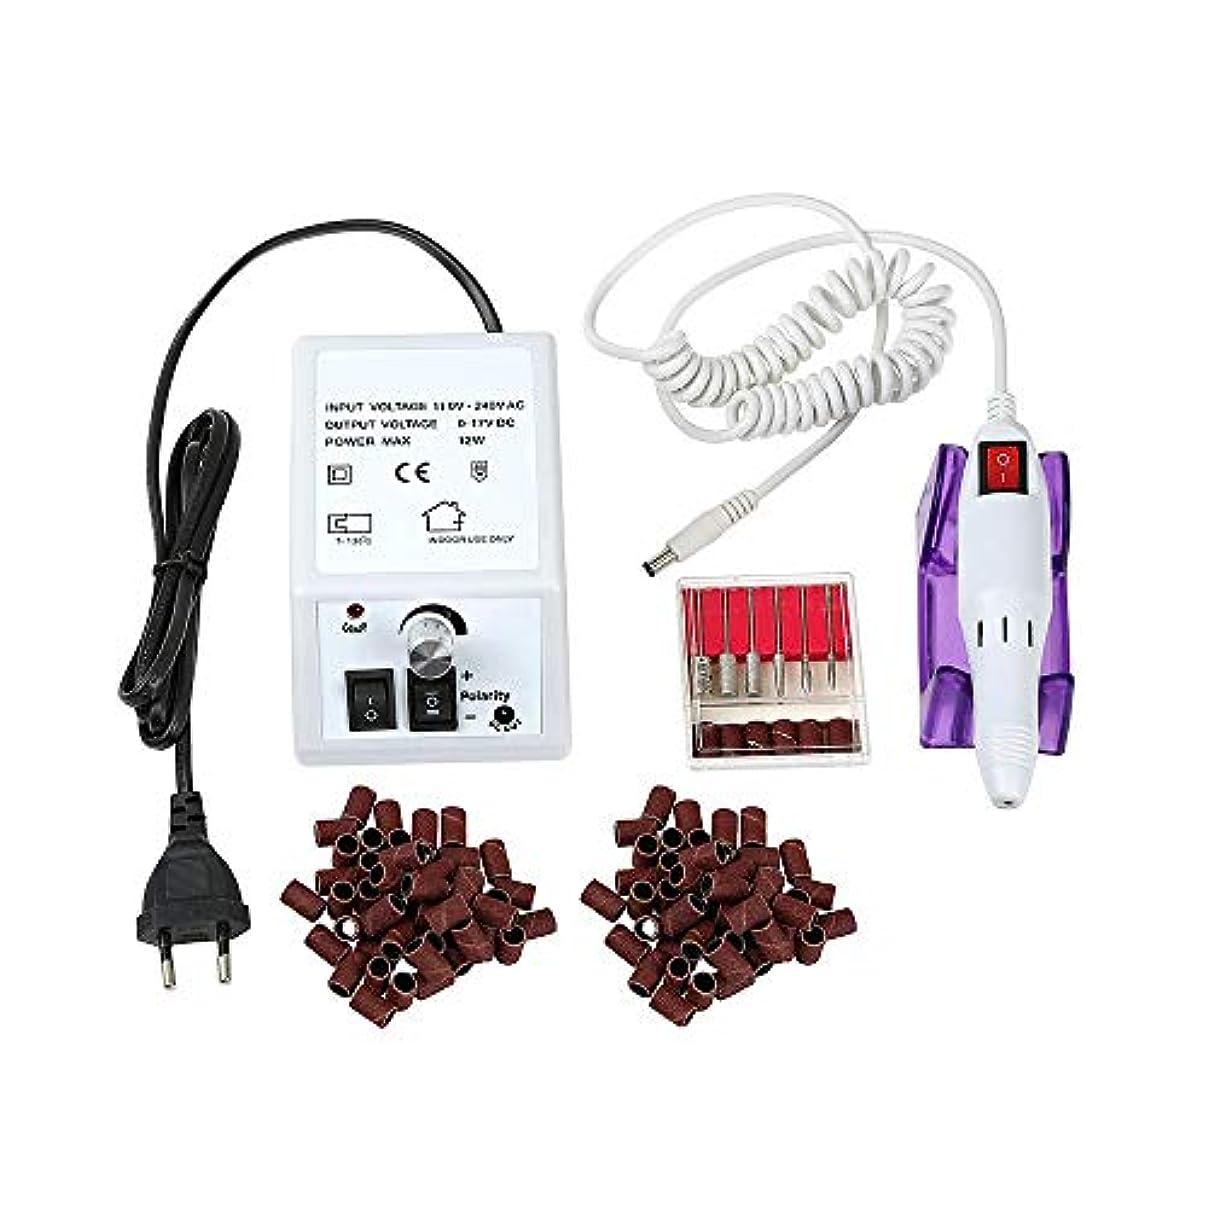 薄汚い想定ペチュランス電気ネイルドリルマシン、20000RPMポータブルネイルドリルマシン、マニキュアとペディキュア用のネイルポリッシャーセット付きの電気ネイルファイルセット